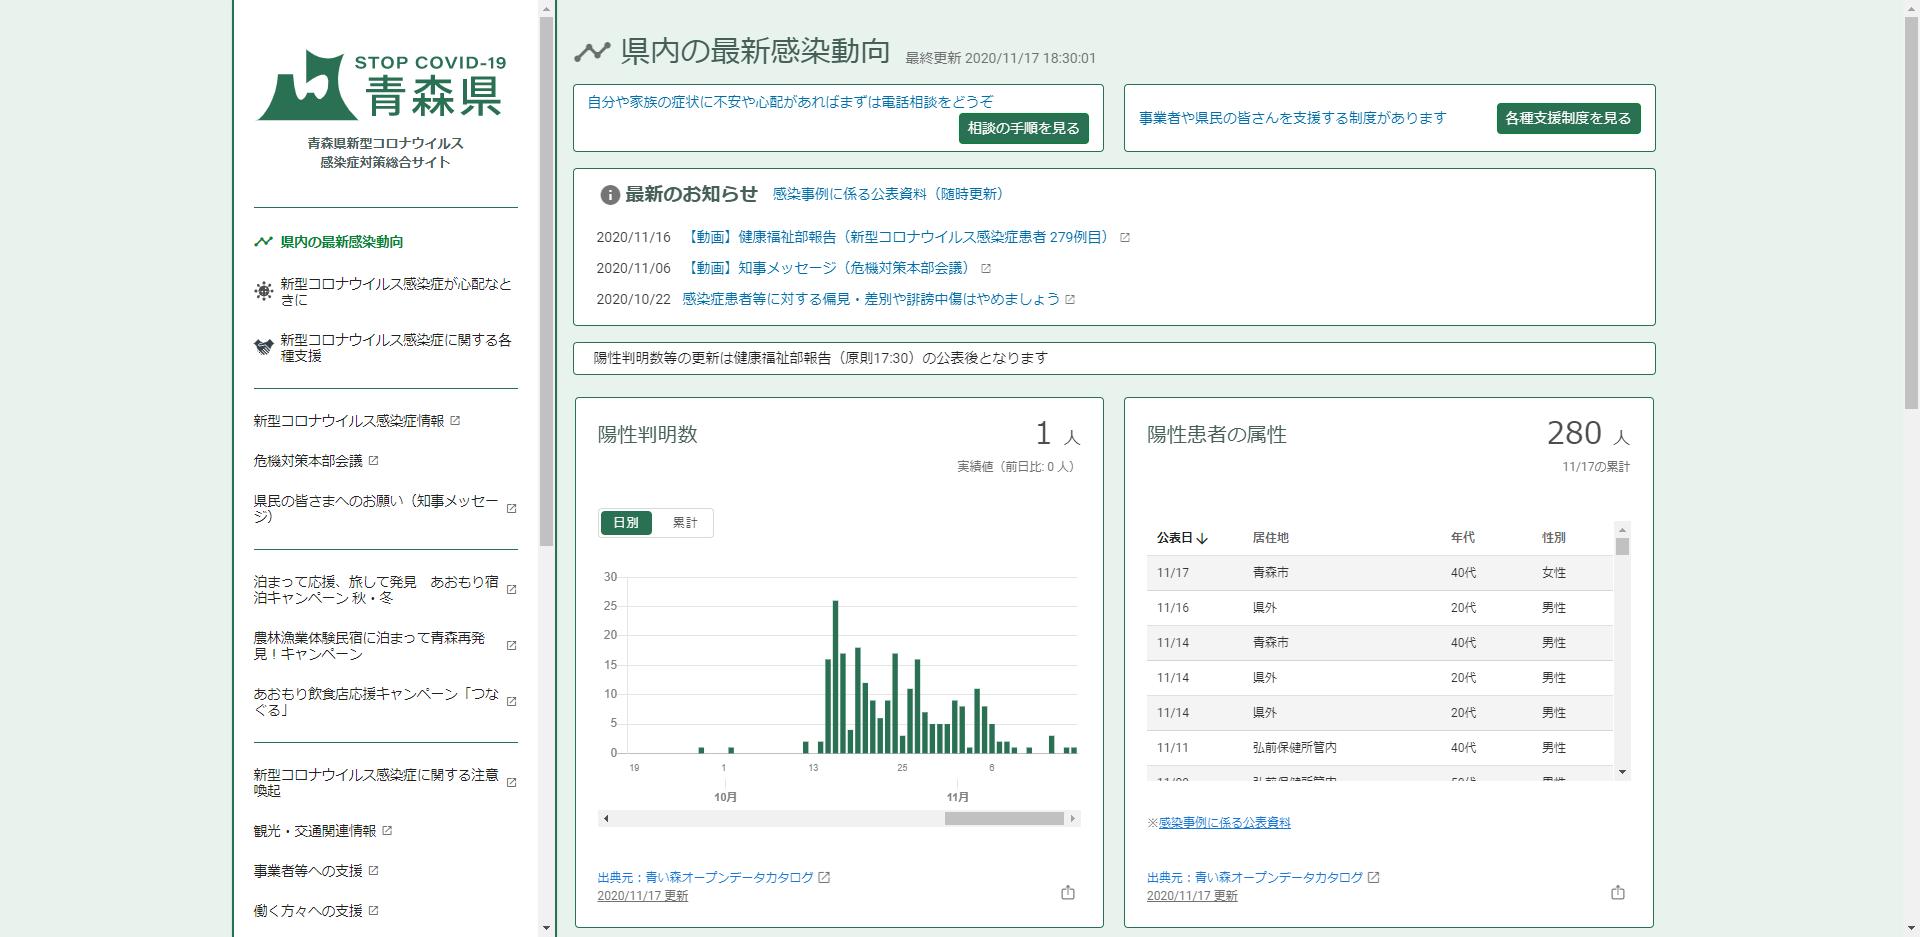 青森県の新型コロナウイルス感染症への対応状況